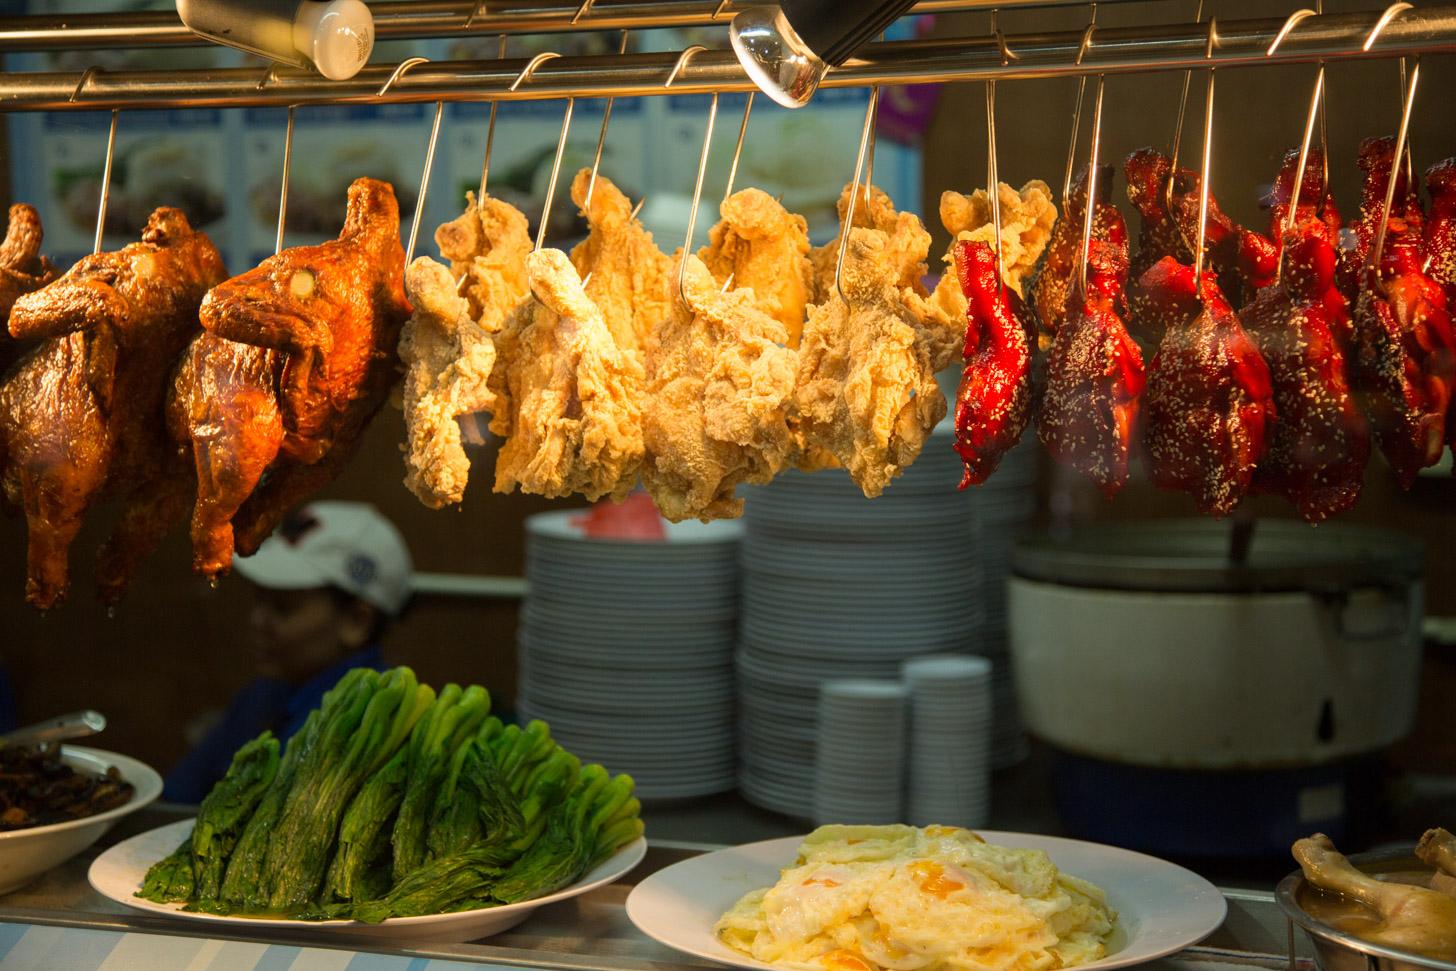 De Chinese keuken is ook vertegenwoordigd in KL